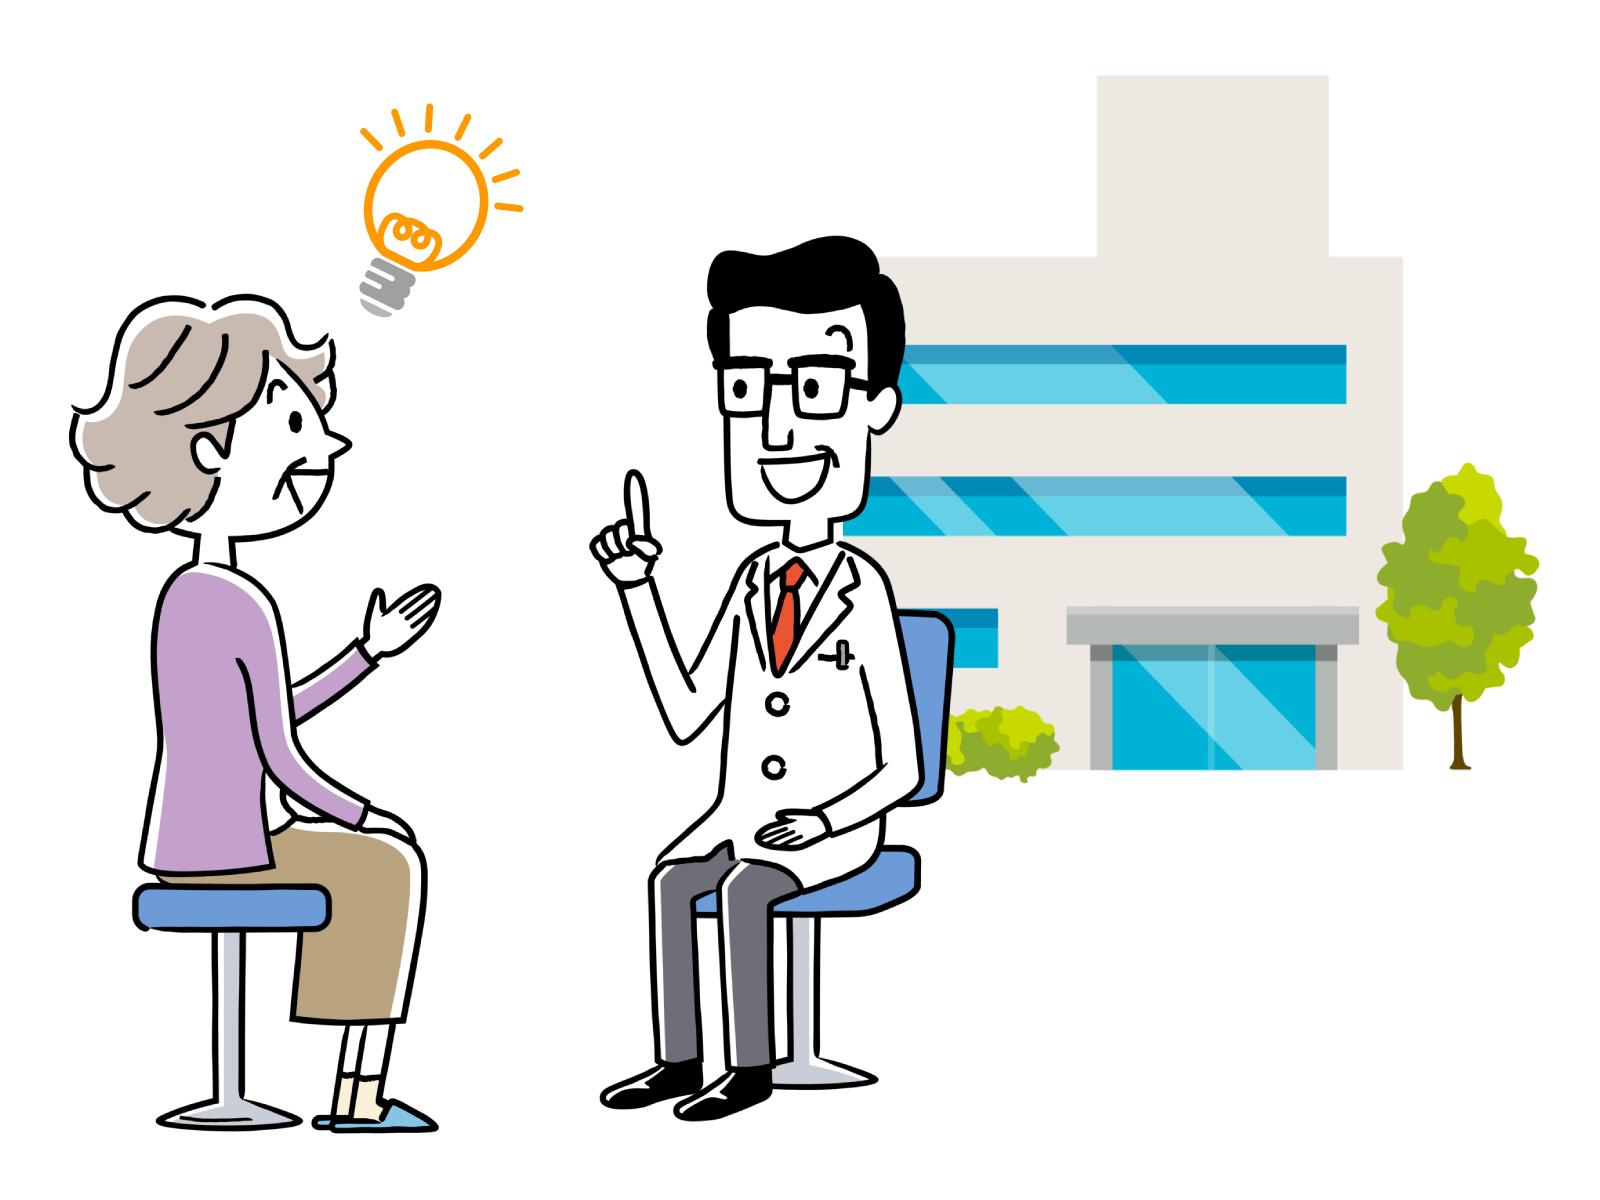 患者の悩みを解決できるやりがいのイメージイラスト